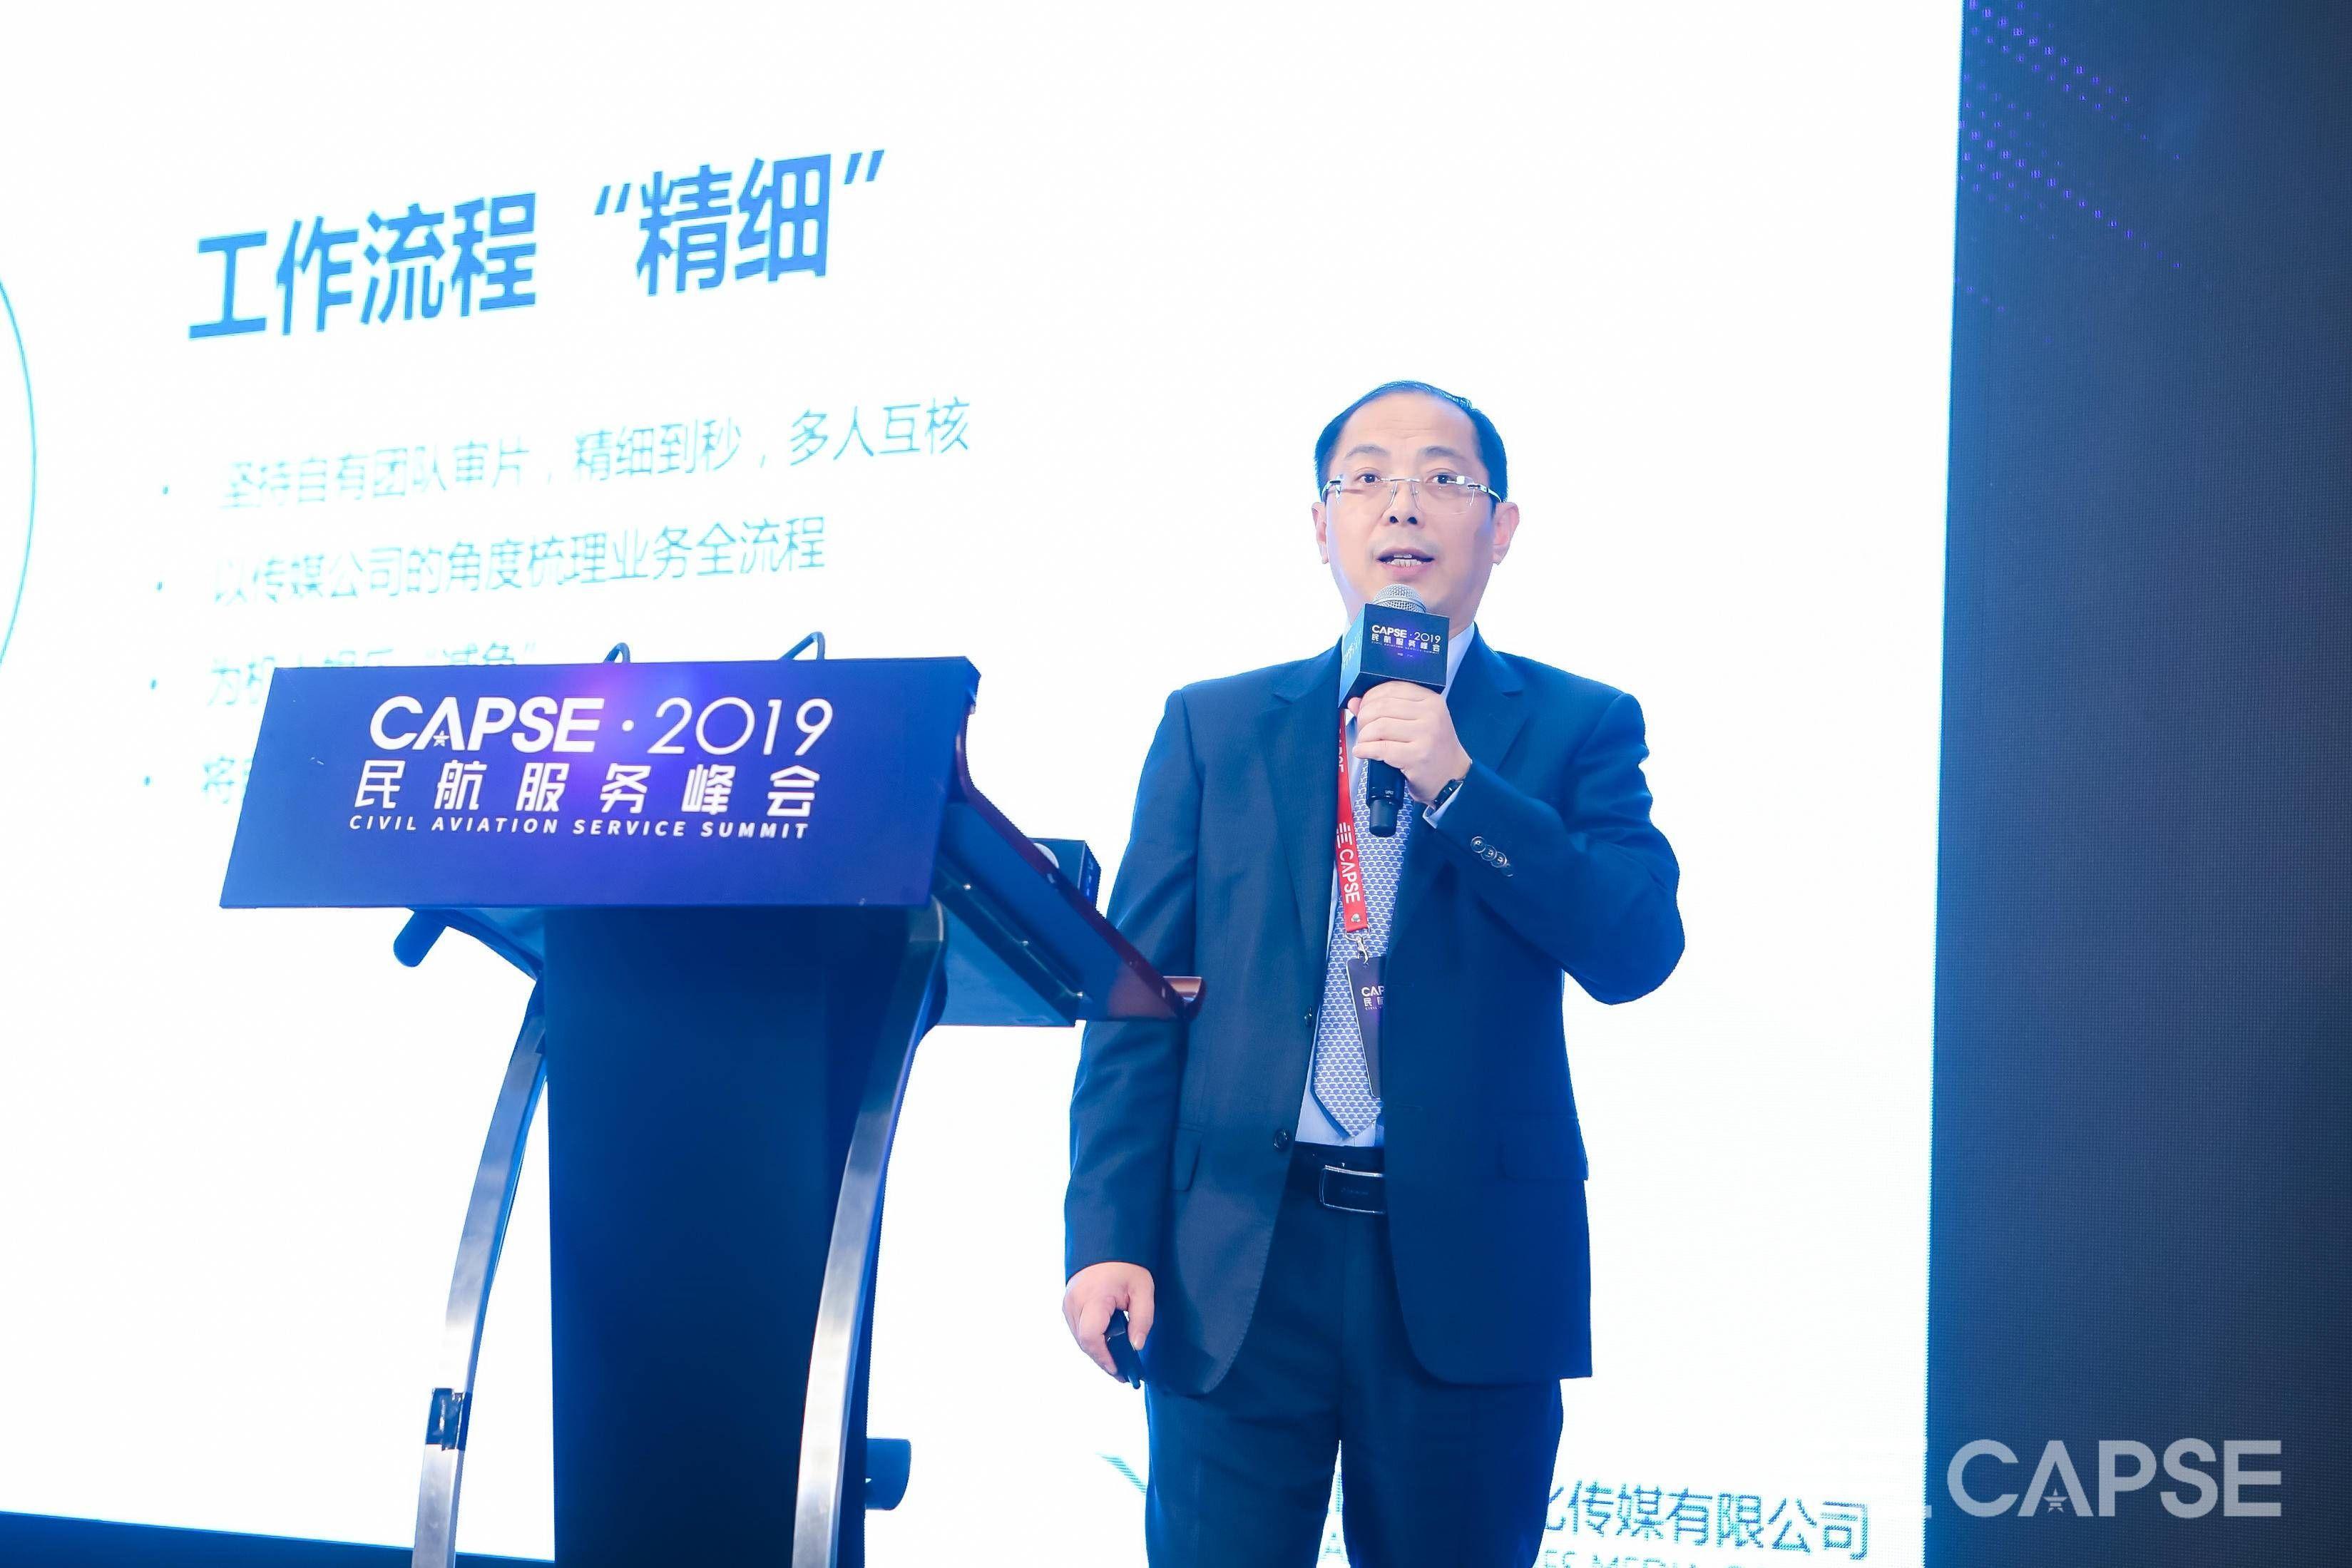 CAPSE民航服务峰会 机上娱乐差异化及商业运营